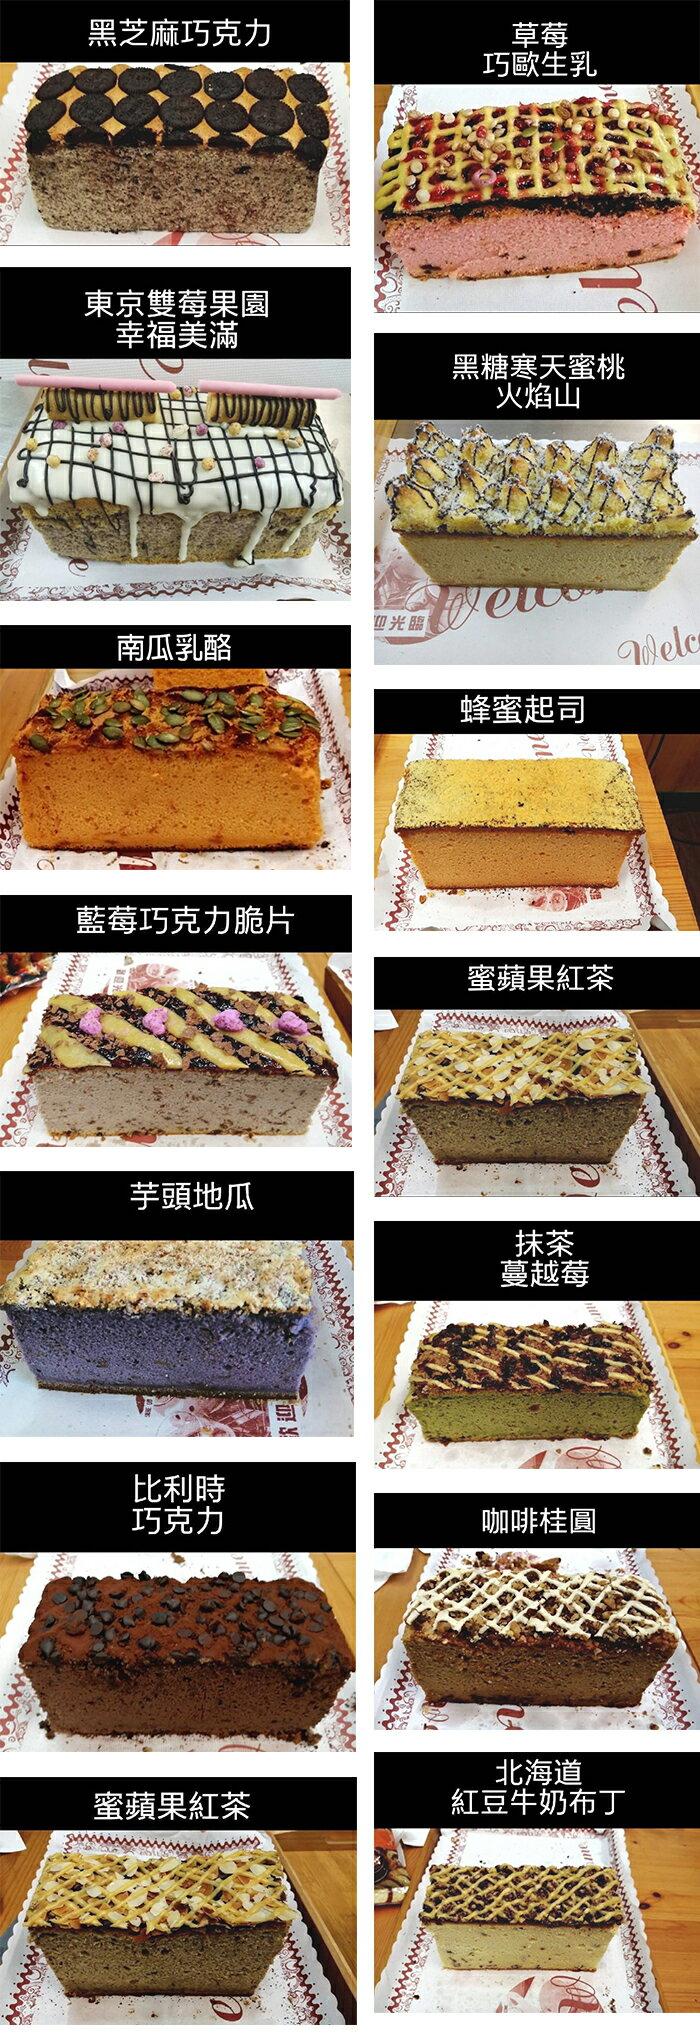 【李師傅的阿嬤嬤嬤的手作蛋糕烘焙坊】兩條一組販售/創意蛋糕/北海道紅豆牛奶布丁蛋糕/南瓜乳酪蛋糕/藍莓巧克力脆片蛋糕/咖啡桂圓蛋糕/蜜蘋果紅茶蛋糕/黑芝麻巧克力蛋糕/抹茶蔓越莓蛋糕/蜂蜜起司蛋糕/芋頭